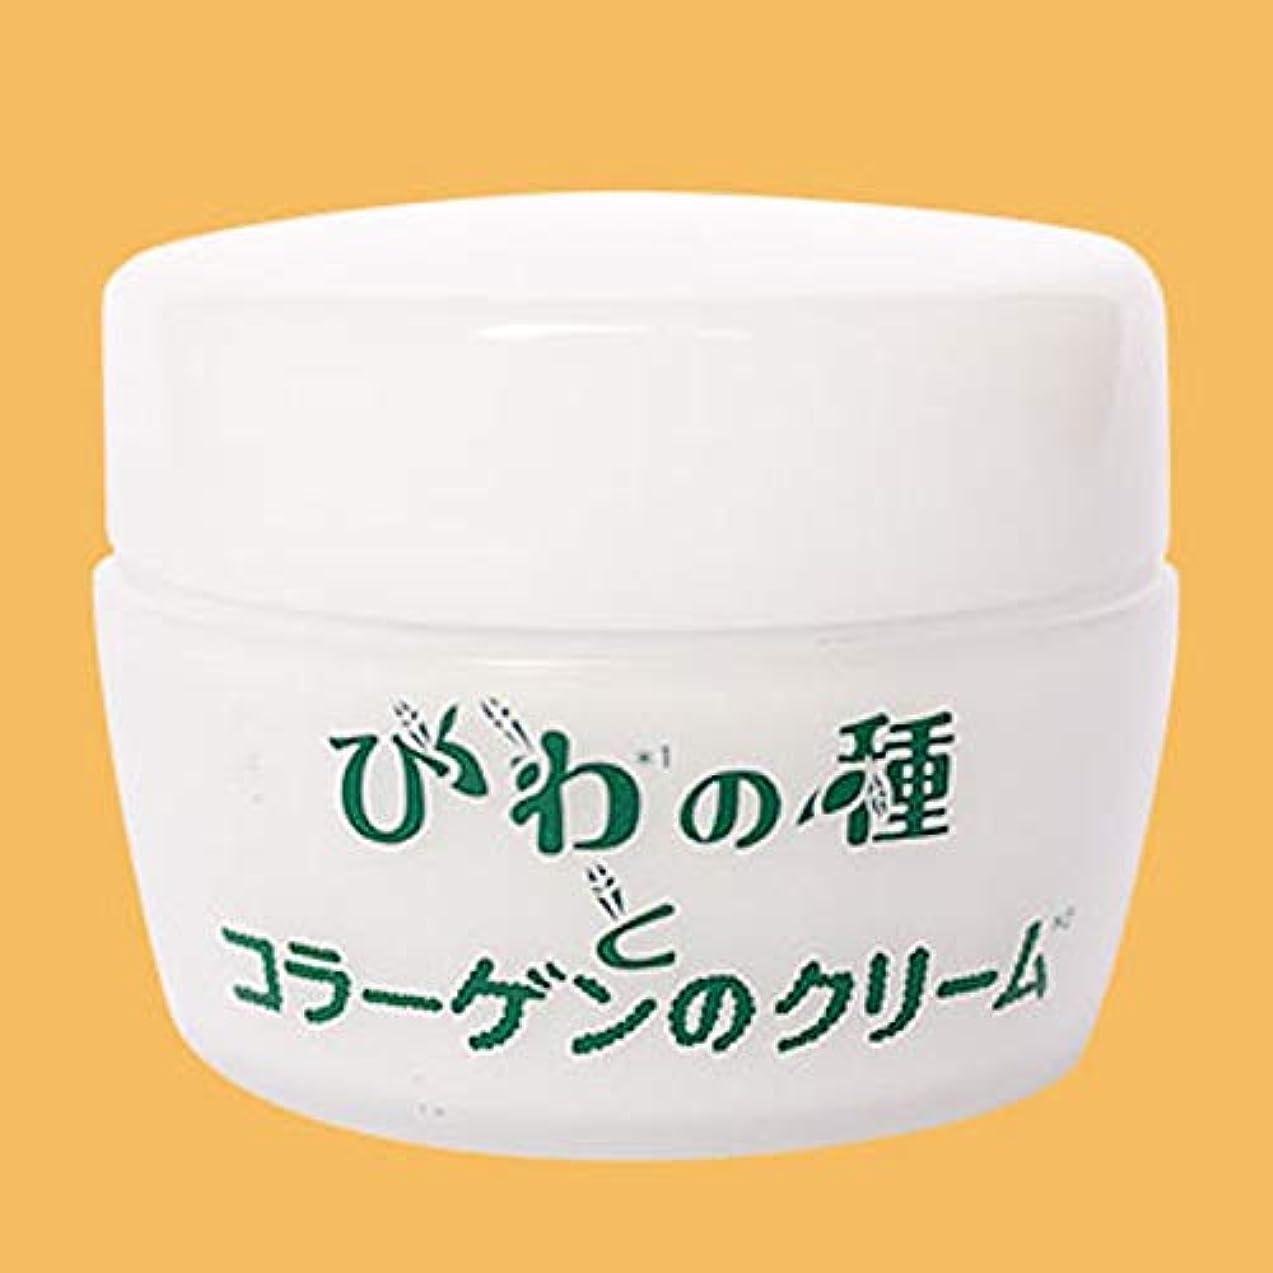 コール泥とても入来屋 びわの種とコラーゲンのクリーム 50g